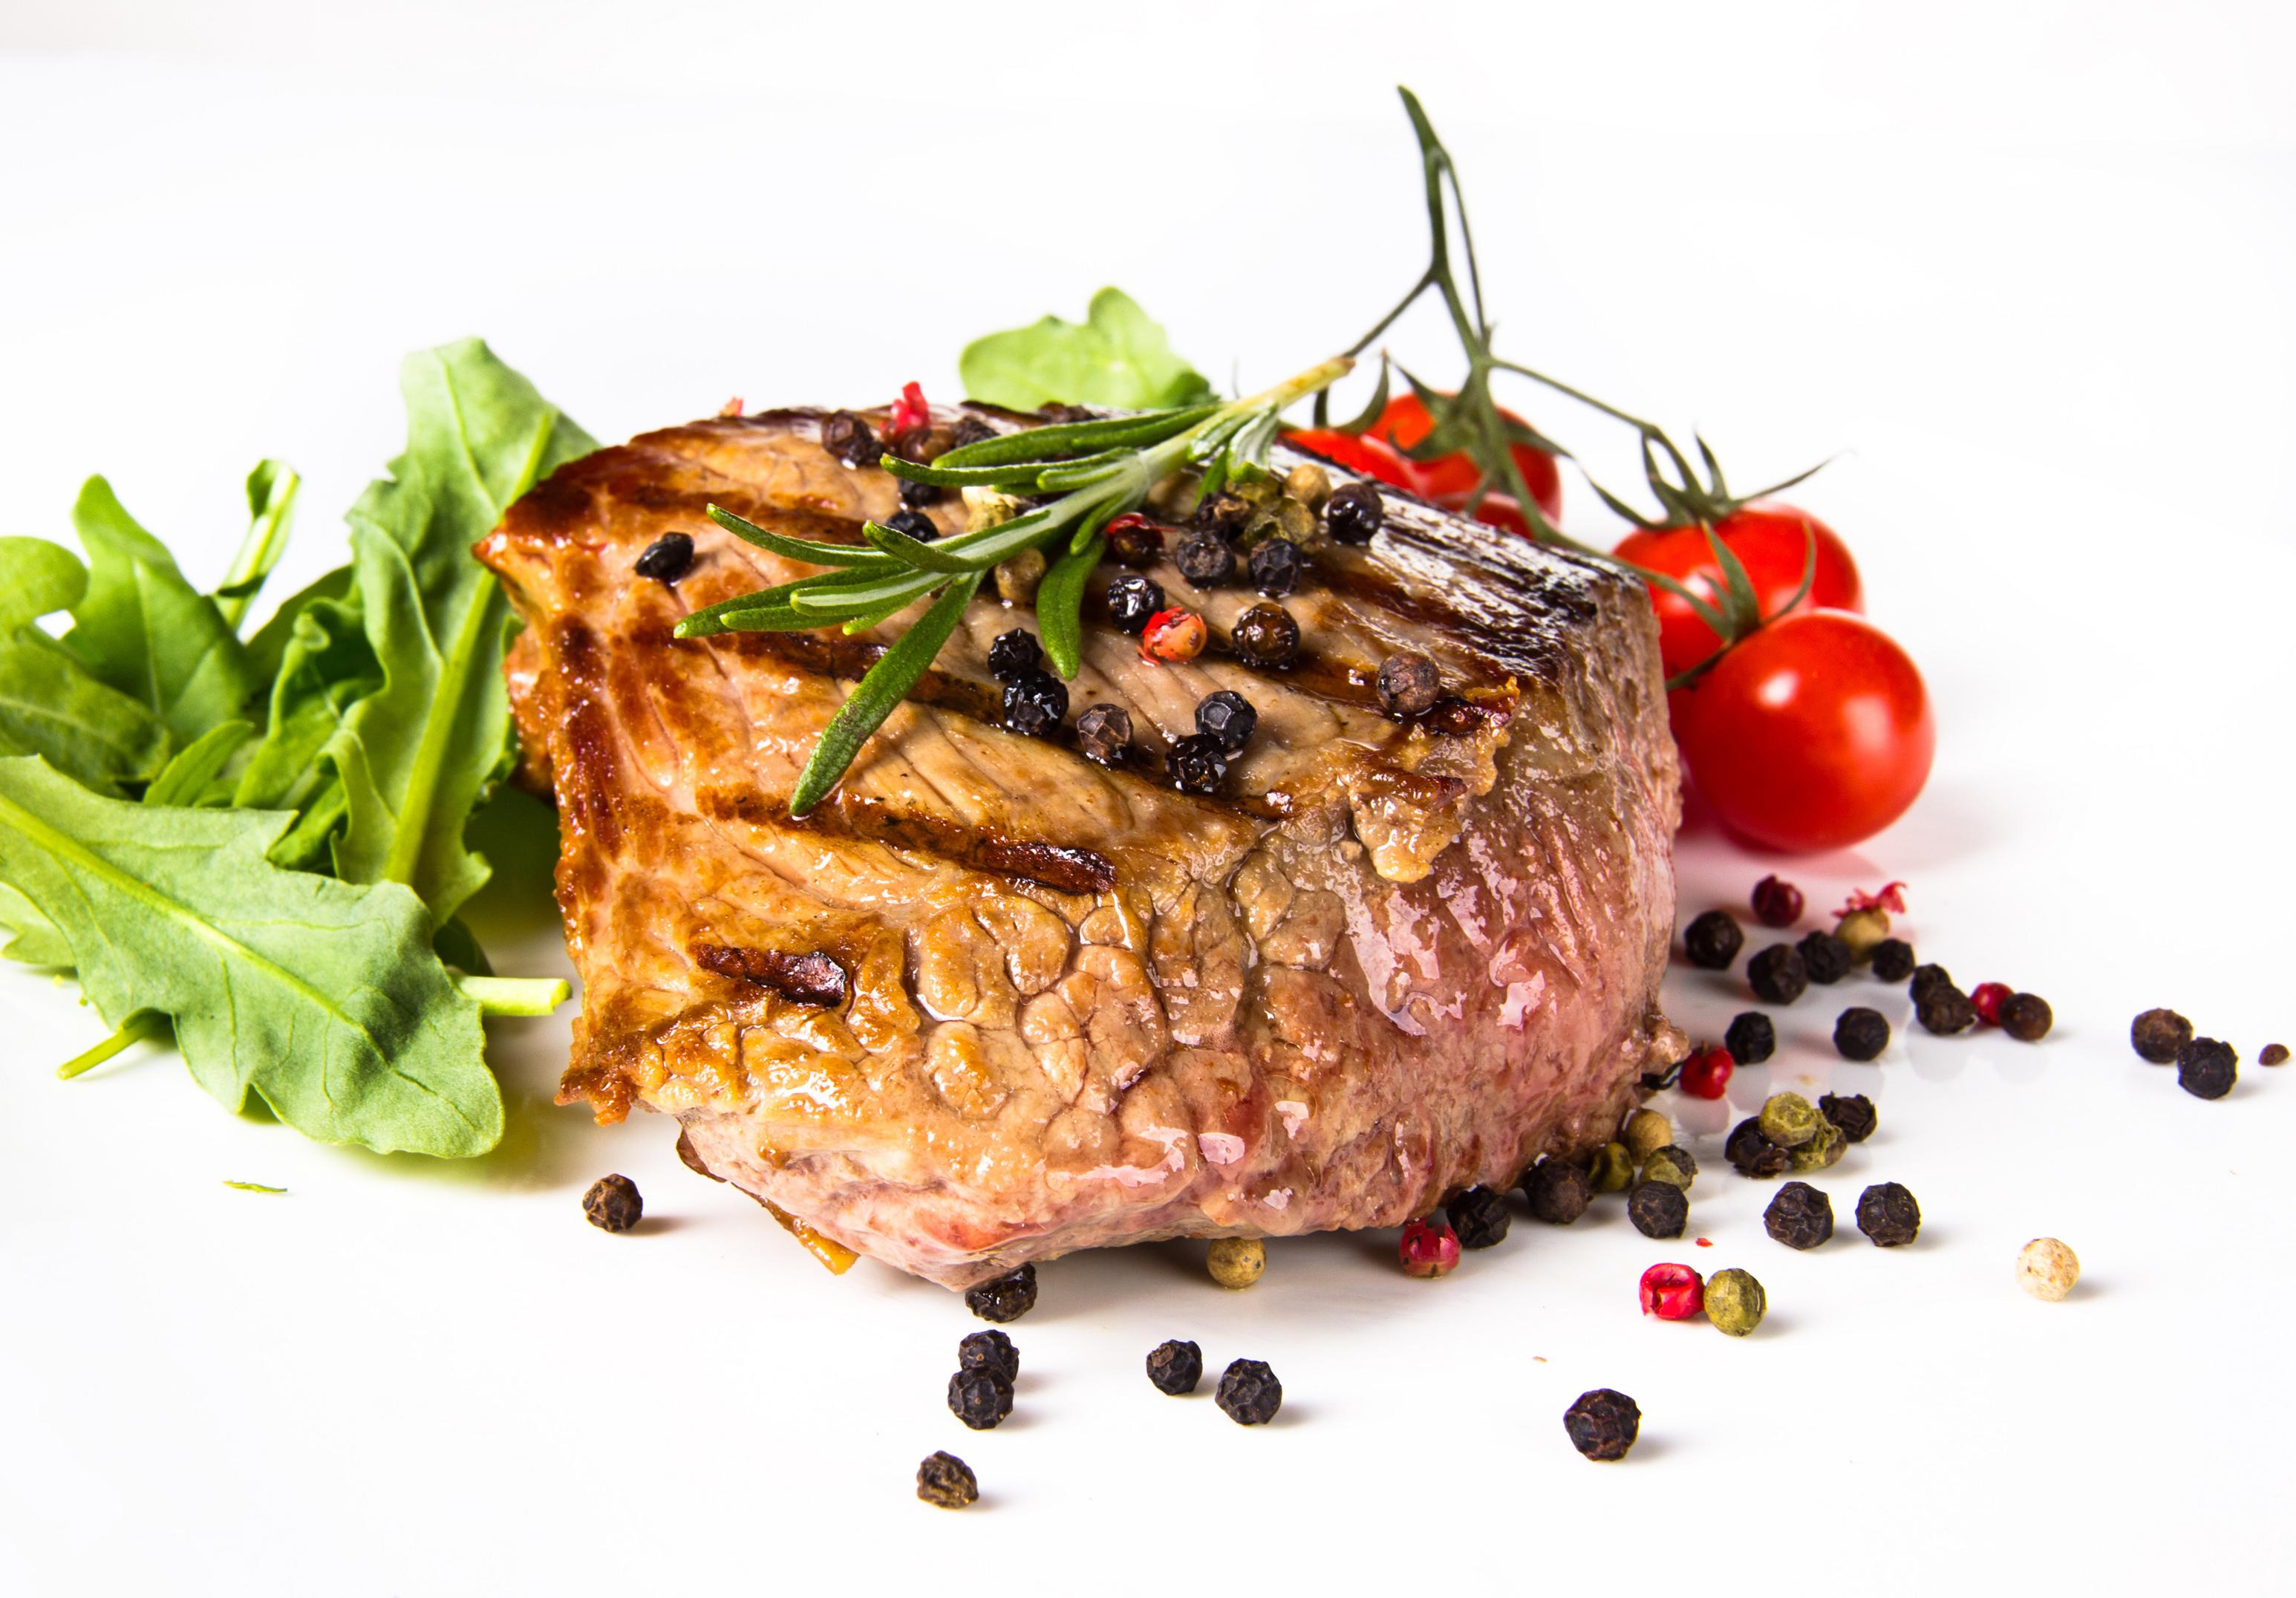 обои для рабочего стола, фото, мясо, жареное, бифштекс, meat, скачать фото